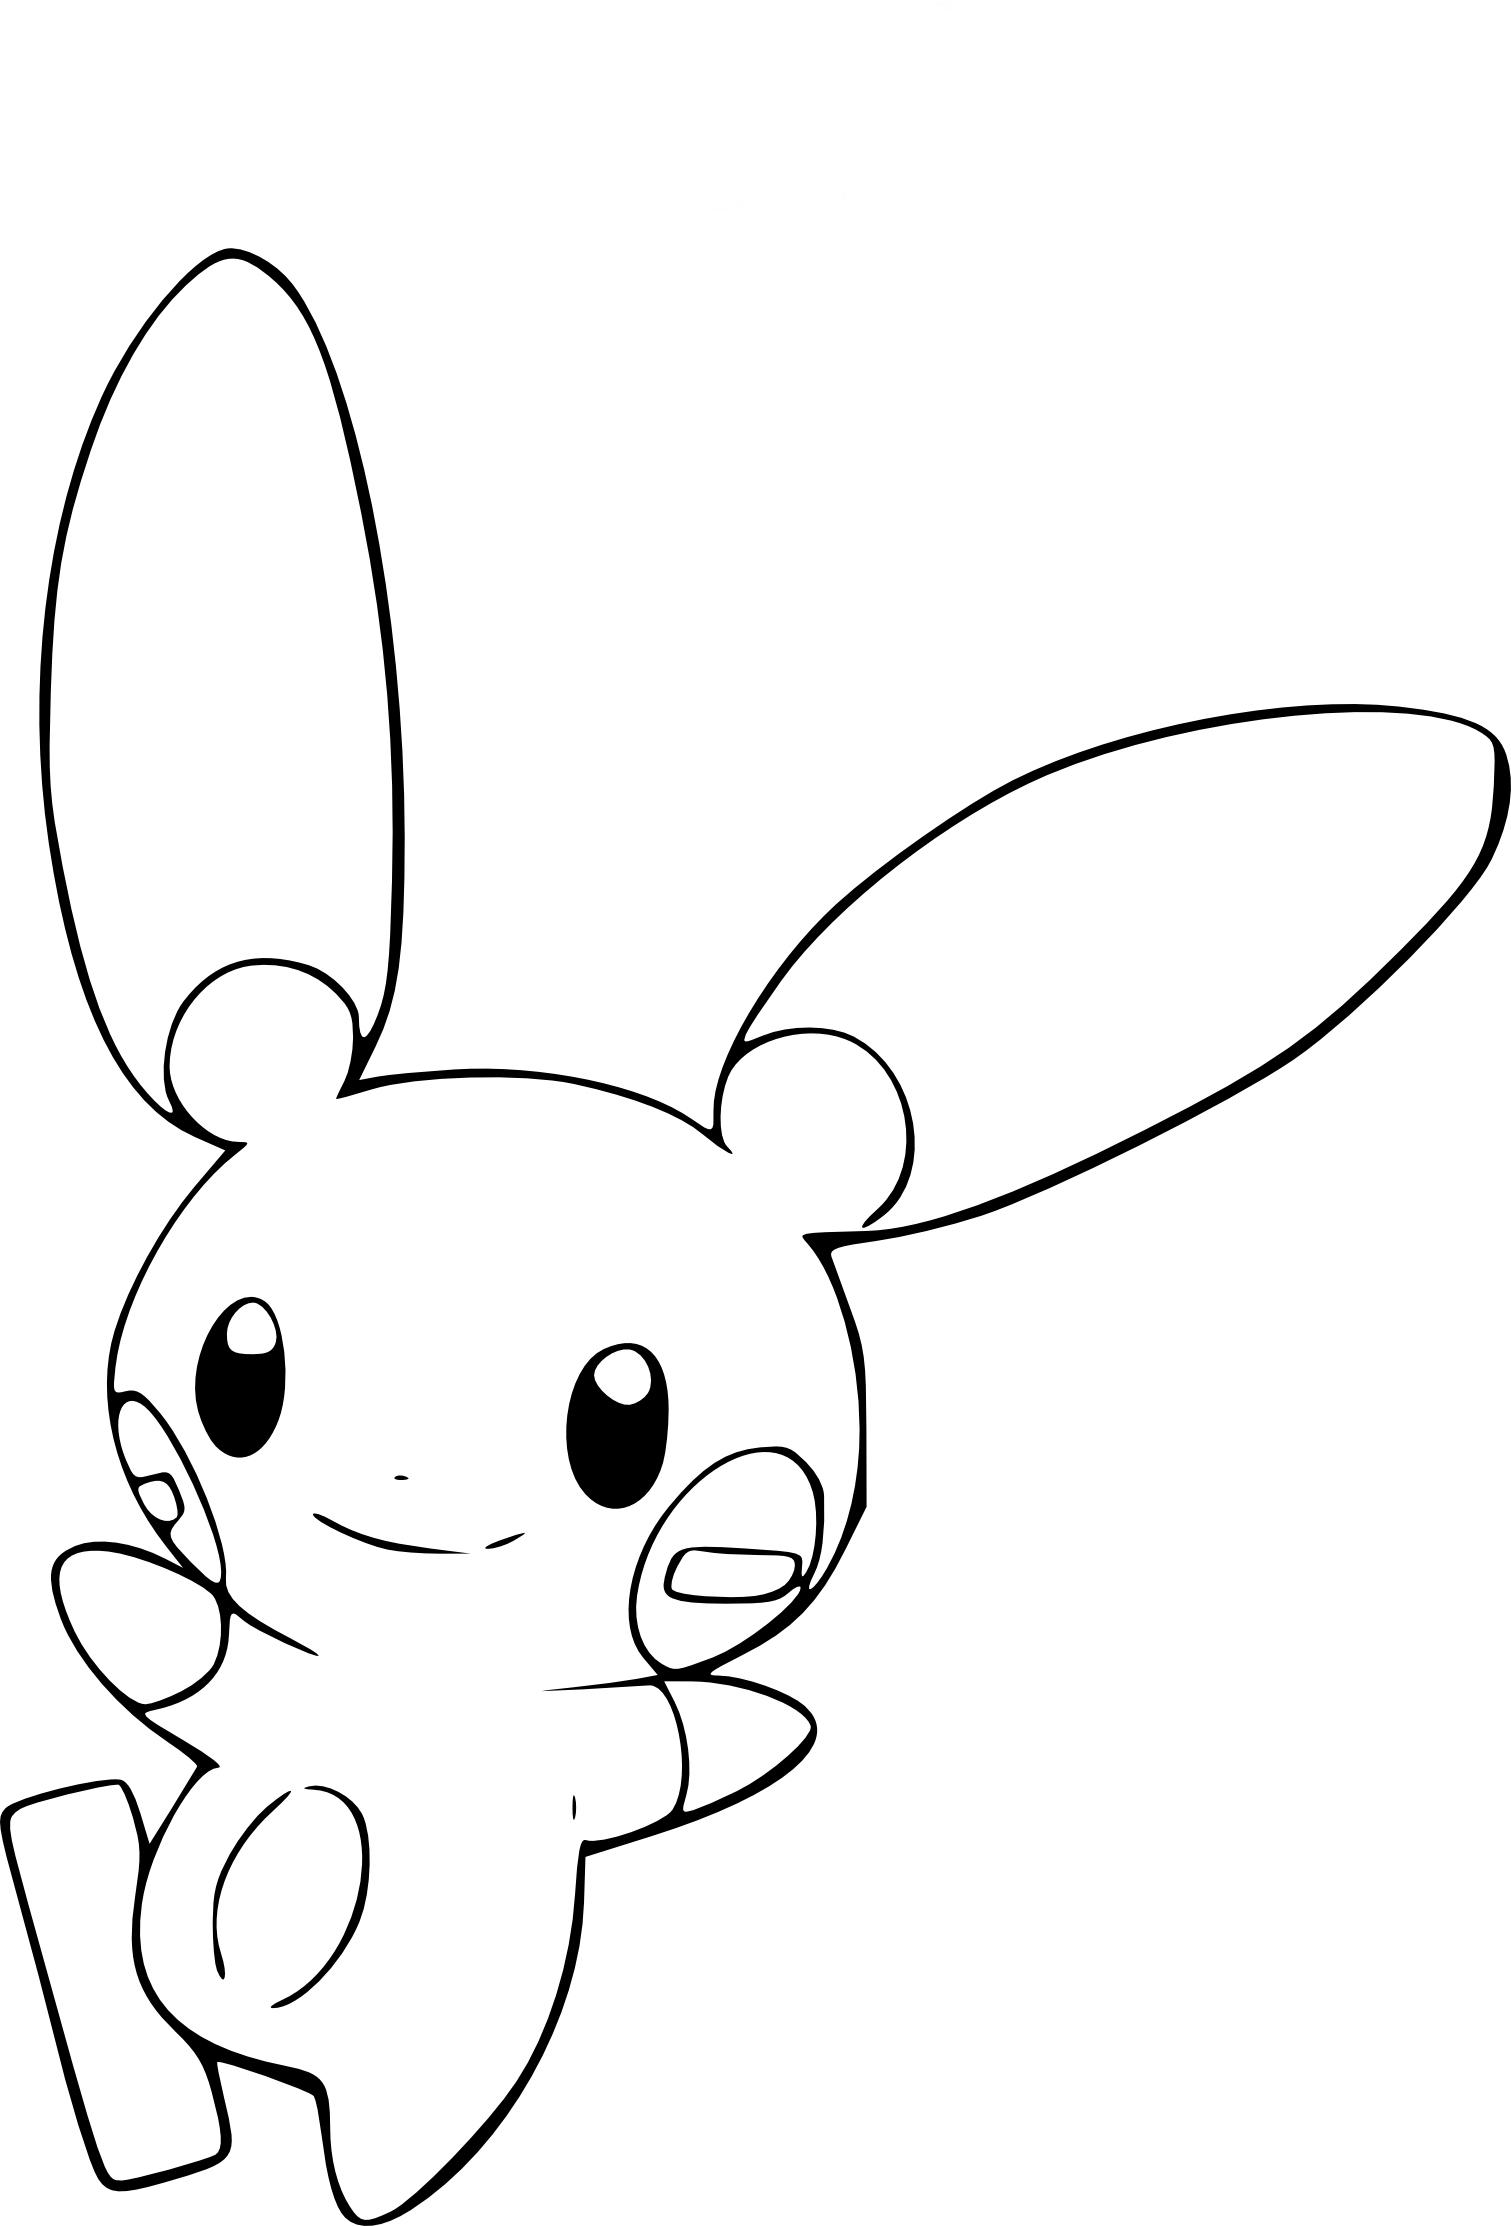 Coloriage Négapi Pokemon Gratuit À Imprimer avec Coloriage De Pokémon Gratuit